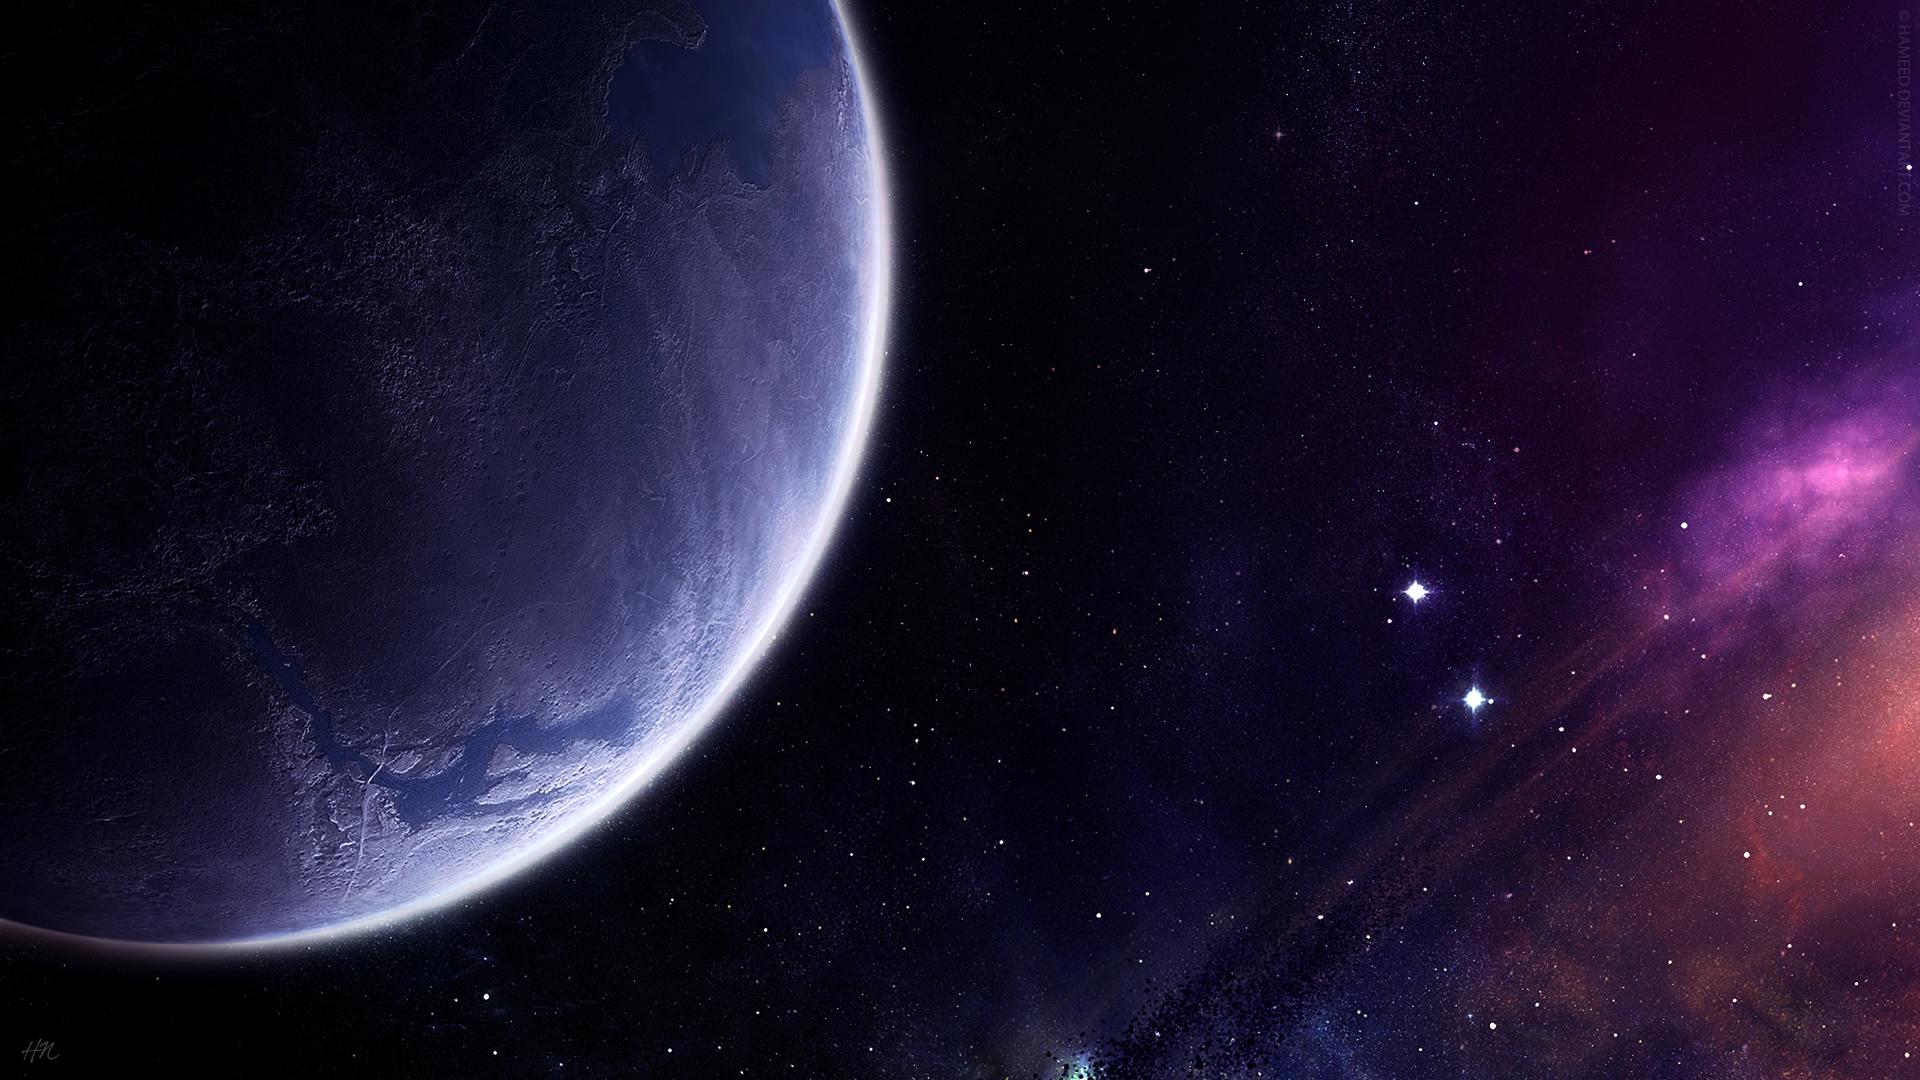 Planetas Fondo De Pantalla HD